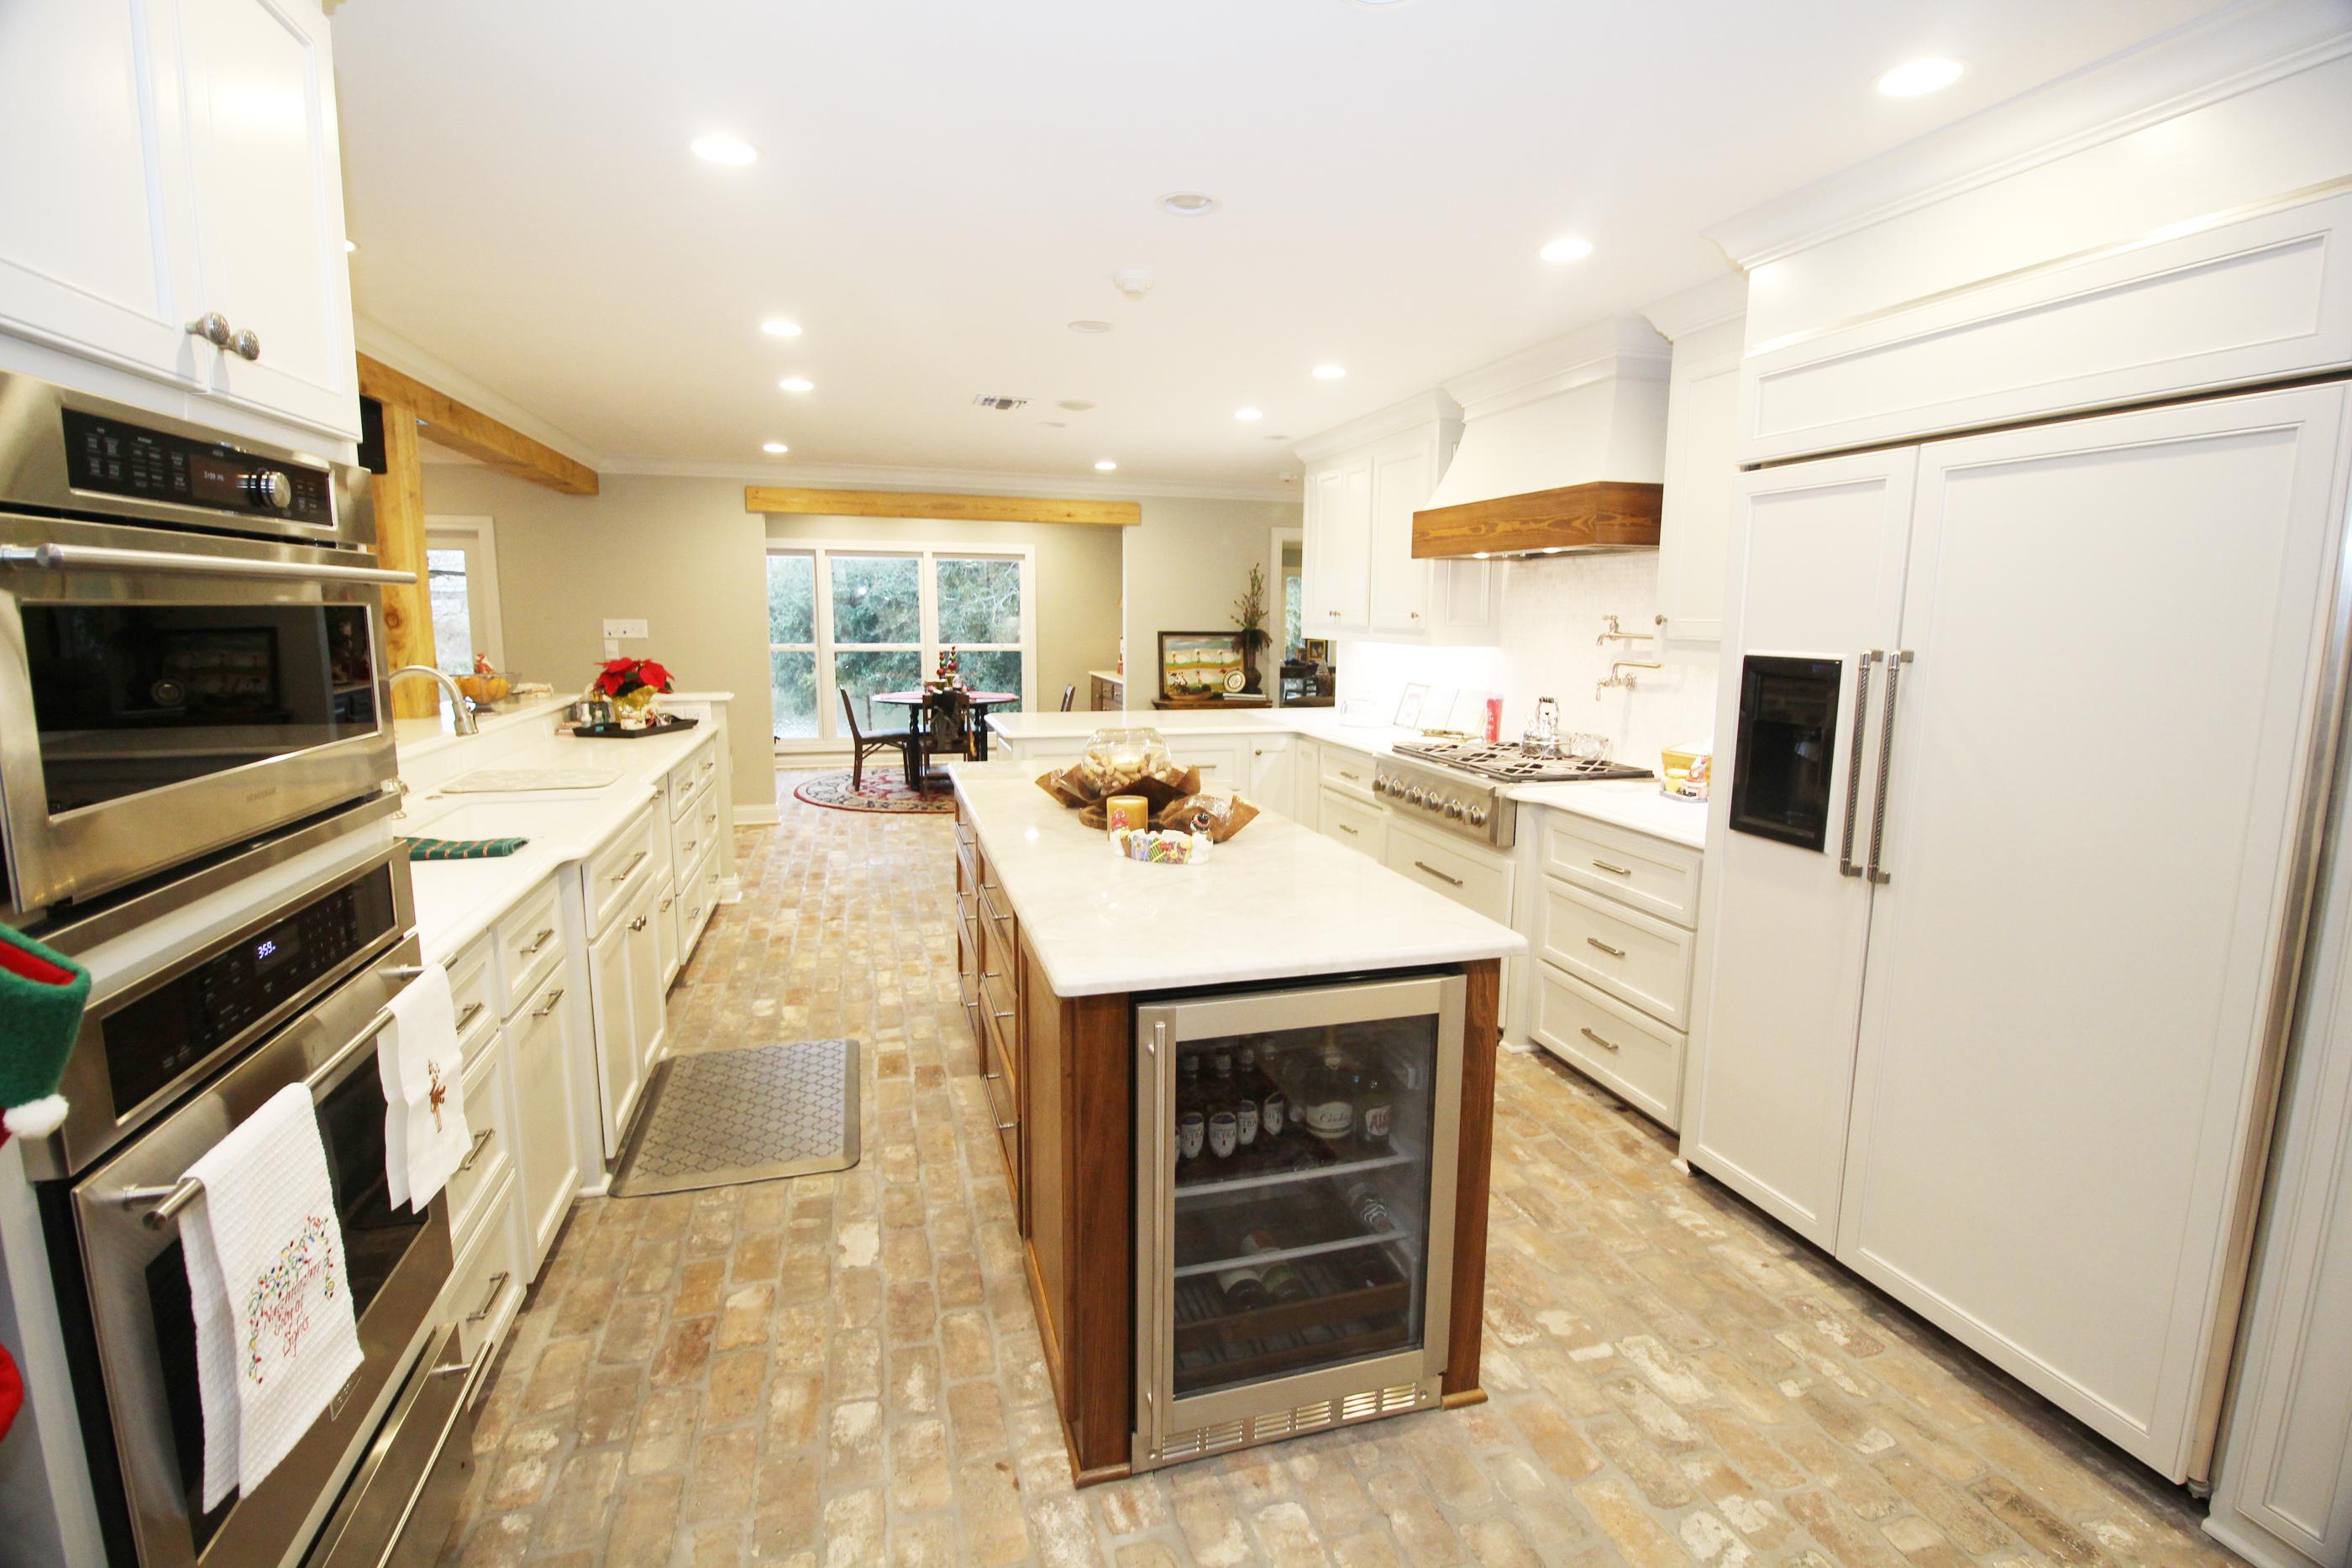 Showcase Homes Remodeling Llc In Shreveport La 71105